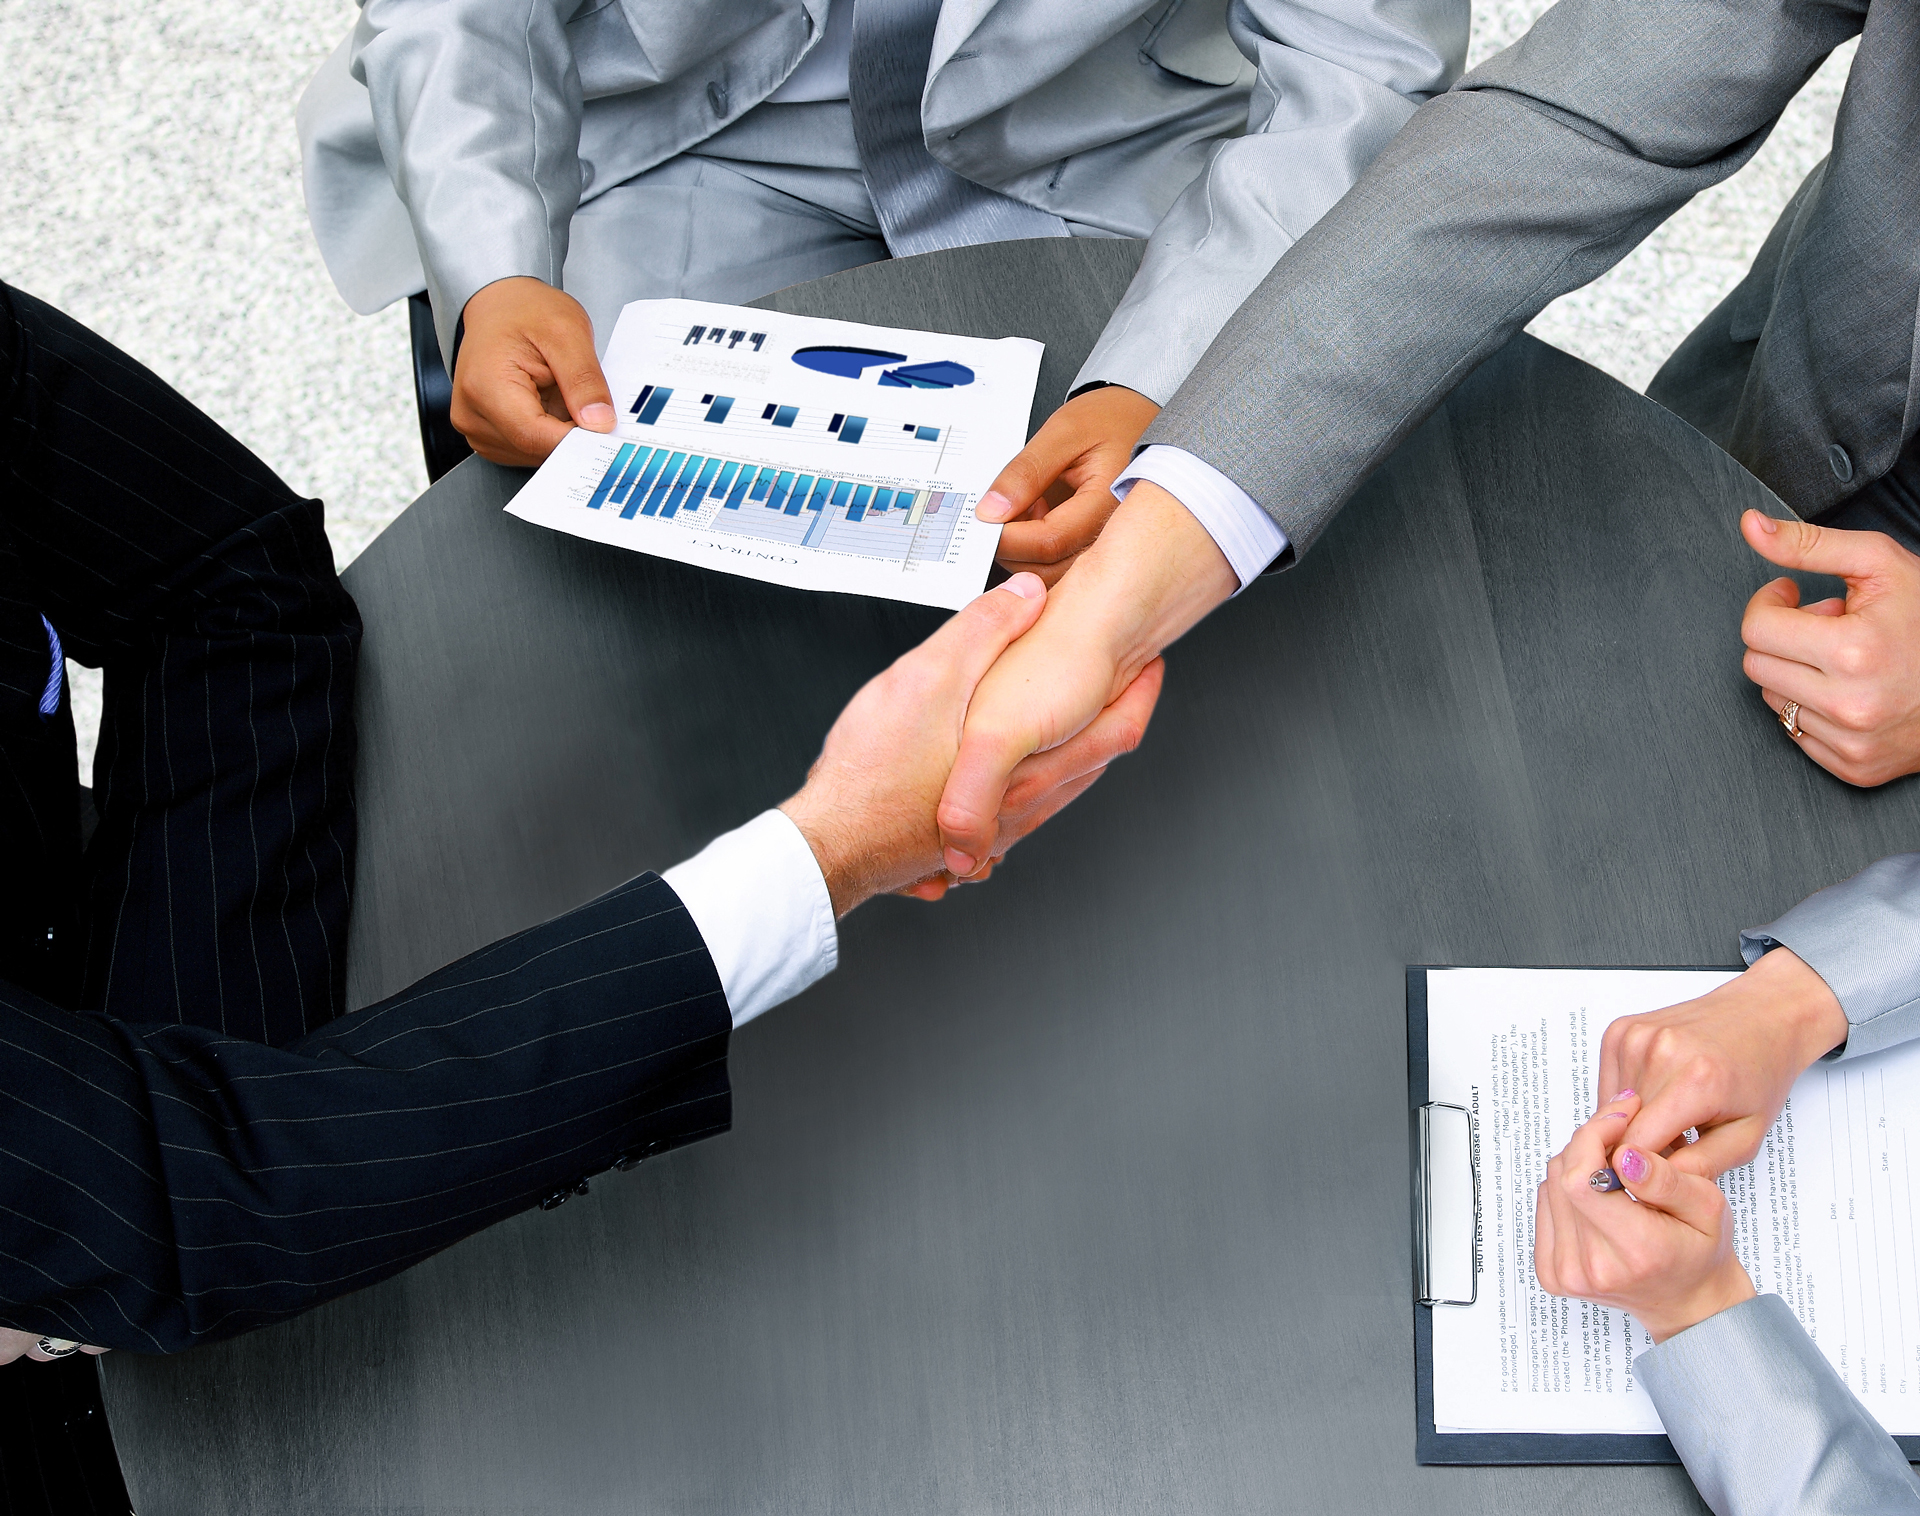 Acuerdo entre cuatro personas para la gestión de ventas y espacios comerciales